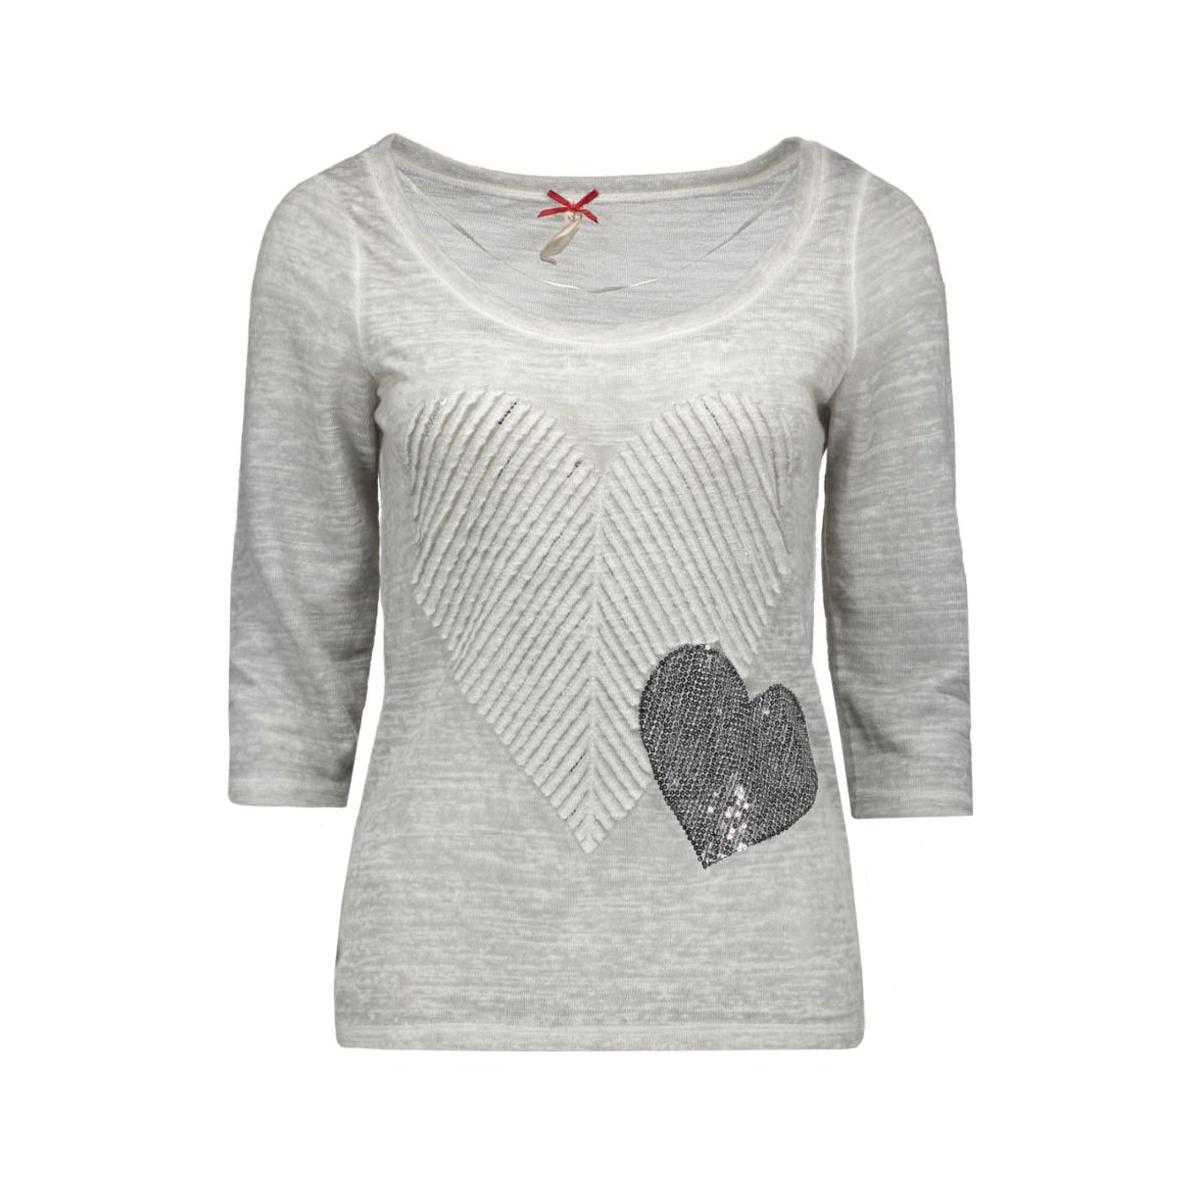 dls00213 key largo t-shirt silver